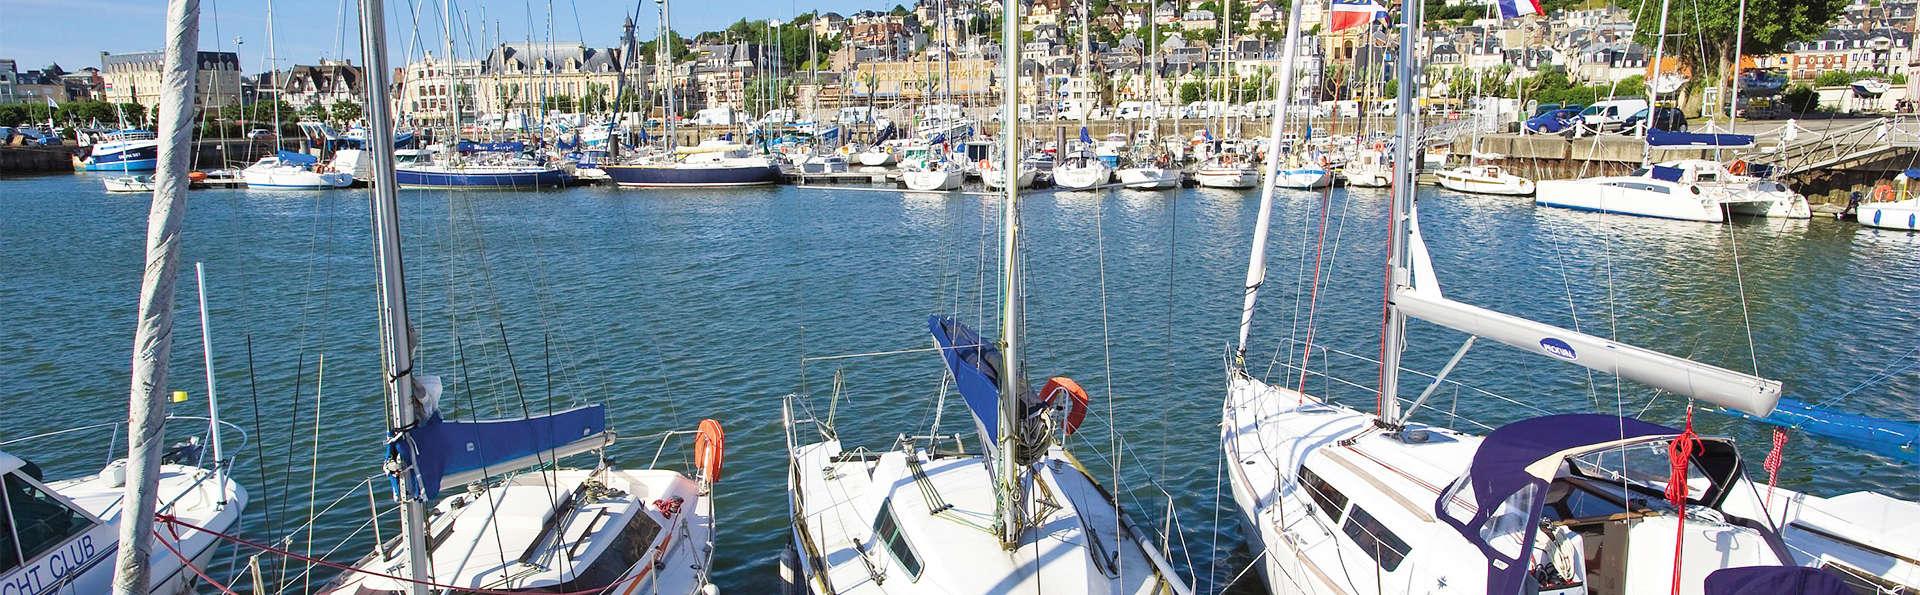 Pierre et Vacances Résidence Les Embruns Deauville - EDIT_boats.jpg